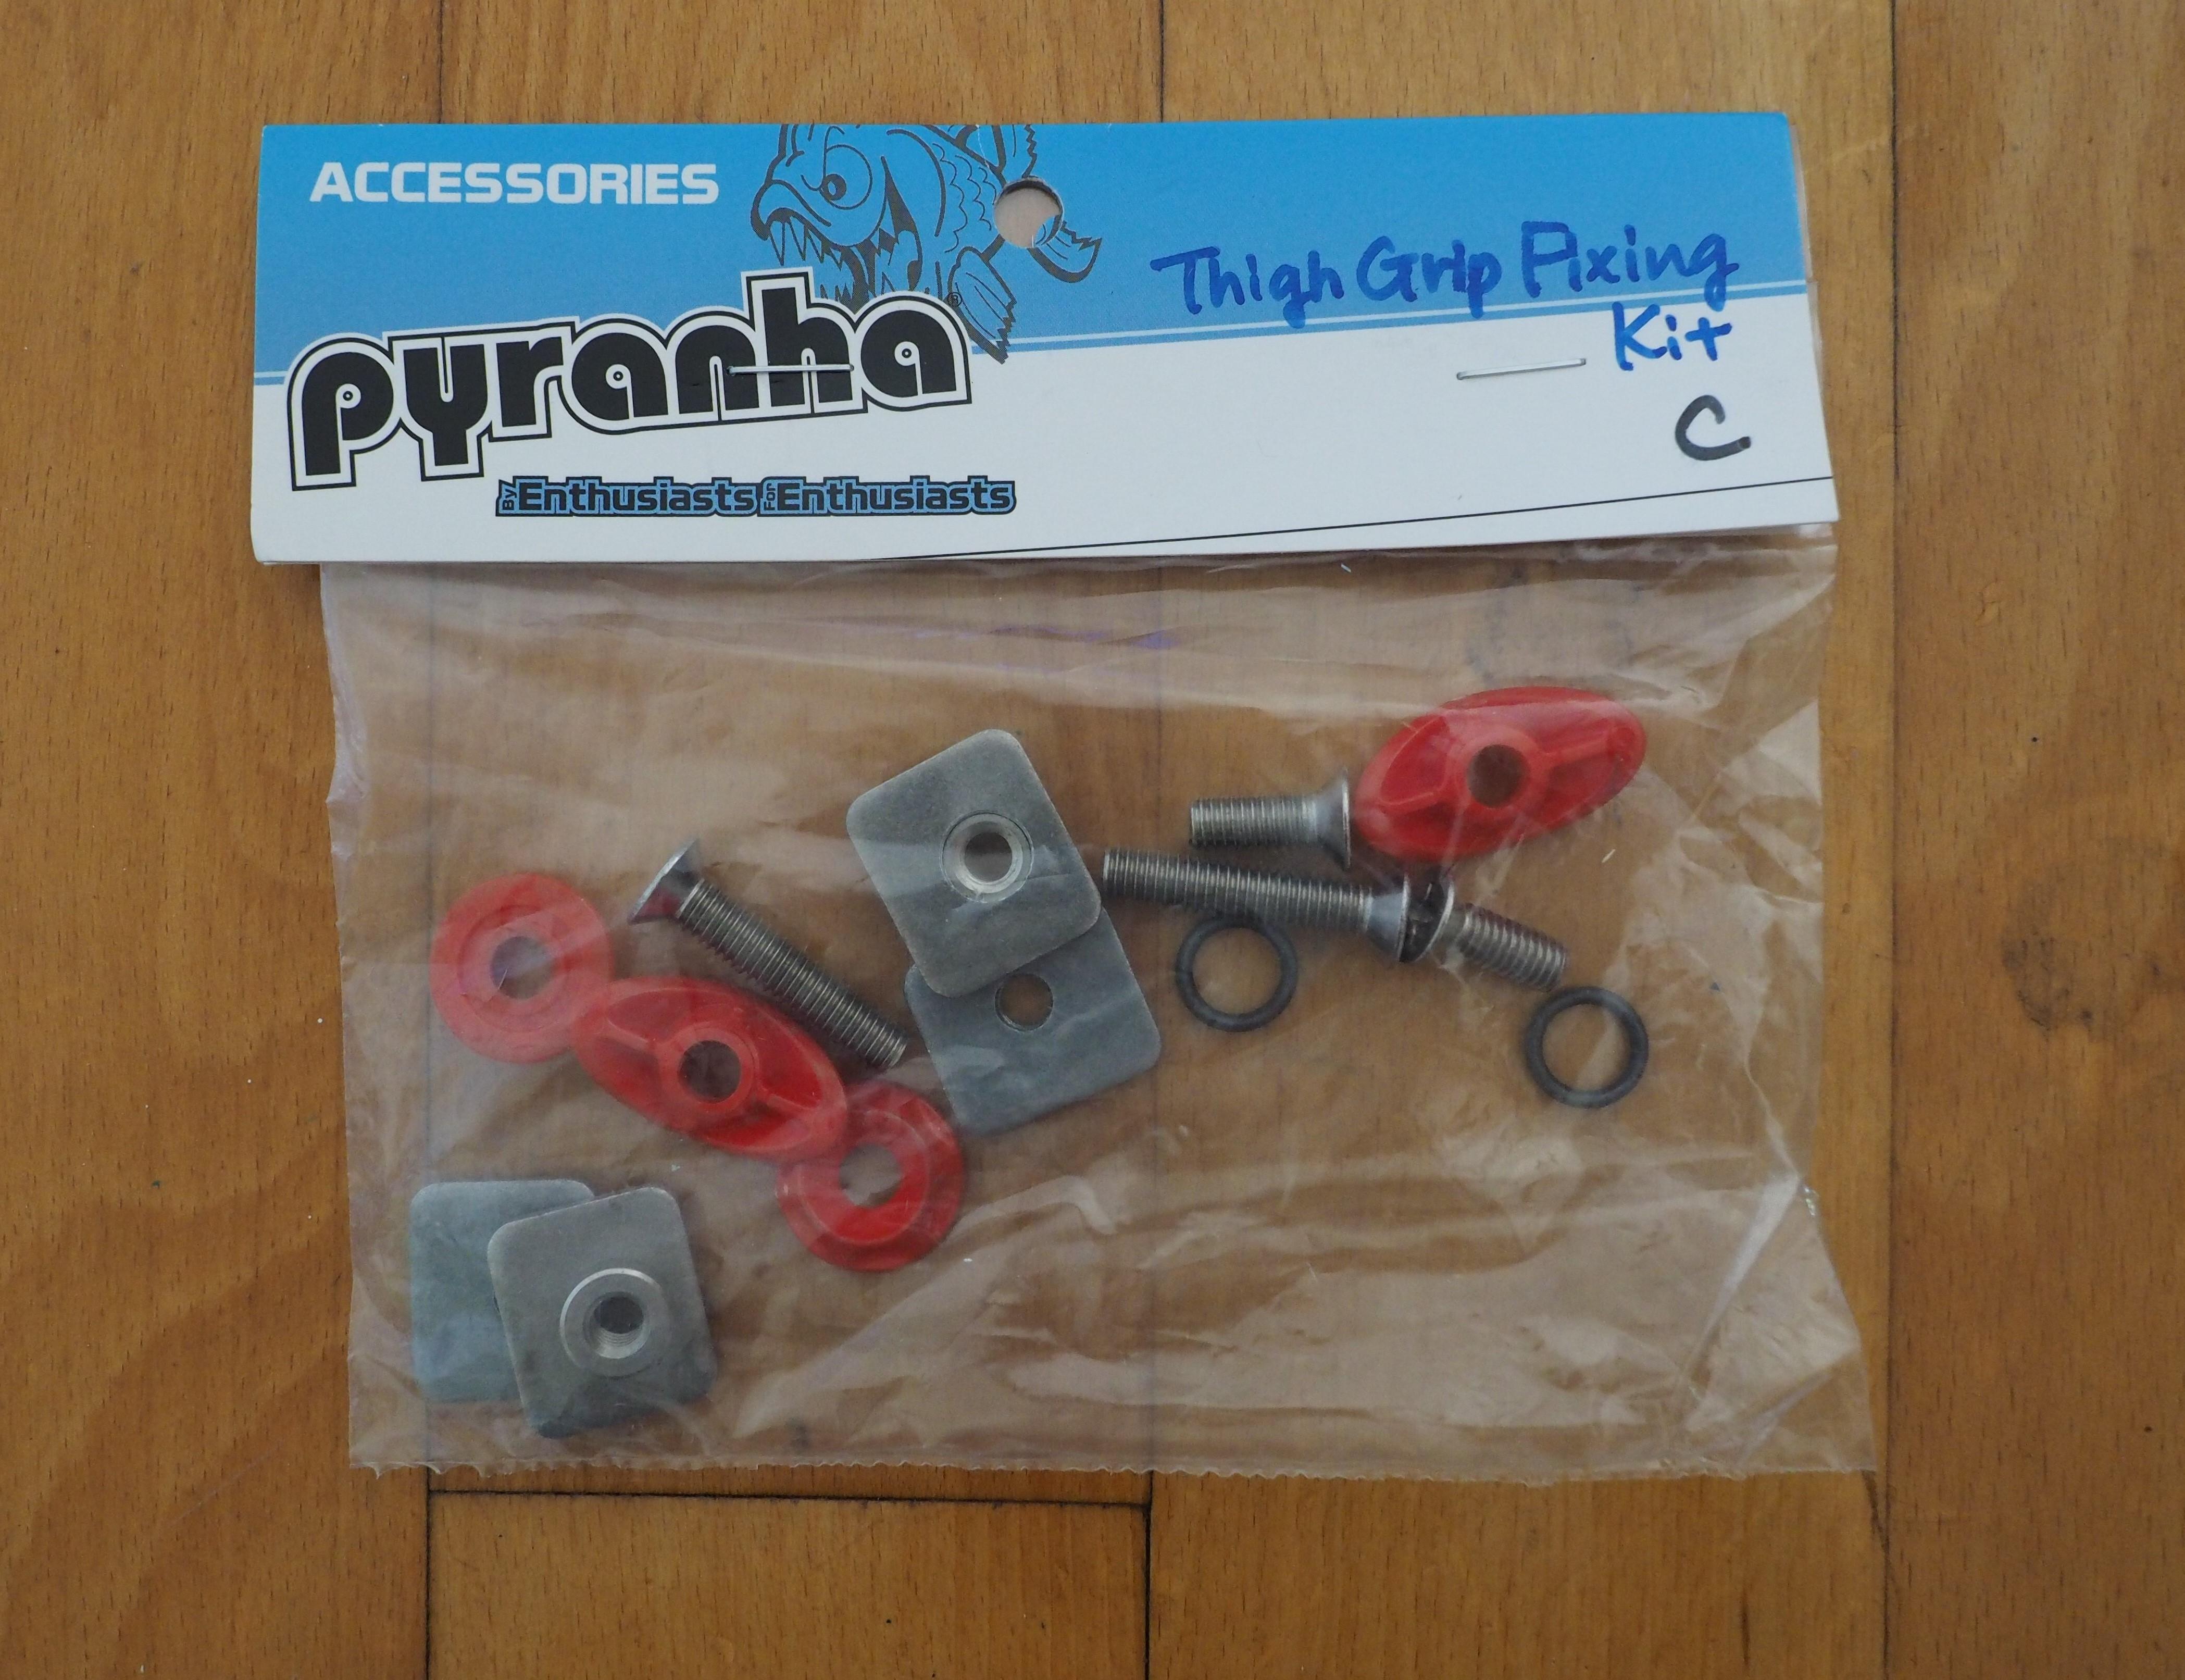 ピラニアカヤックスペアパーツ【Thigh Grip Fixing Kit C】サイ・グリップフィクシングキットC